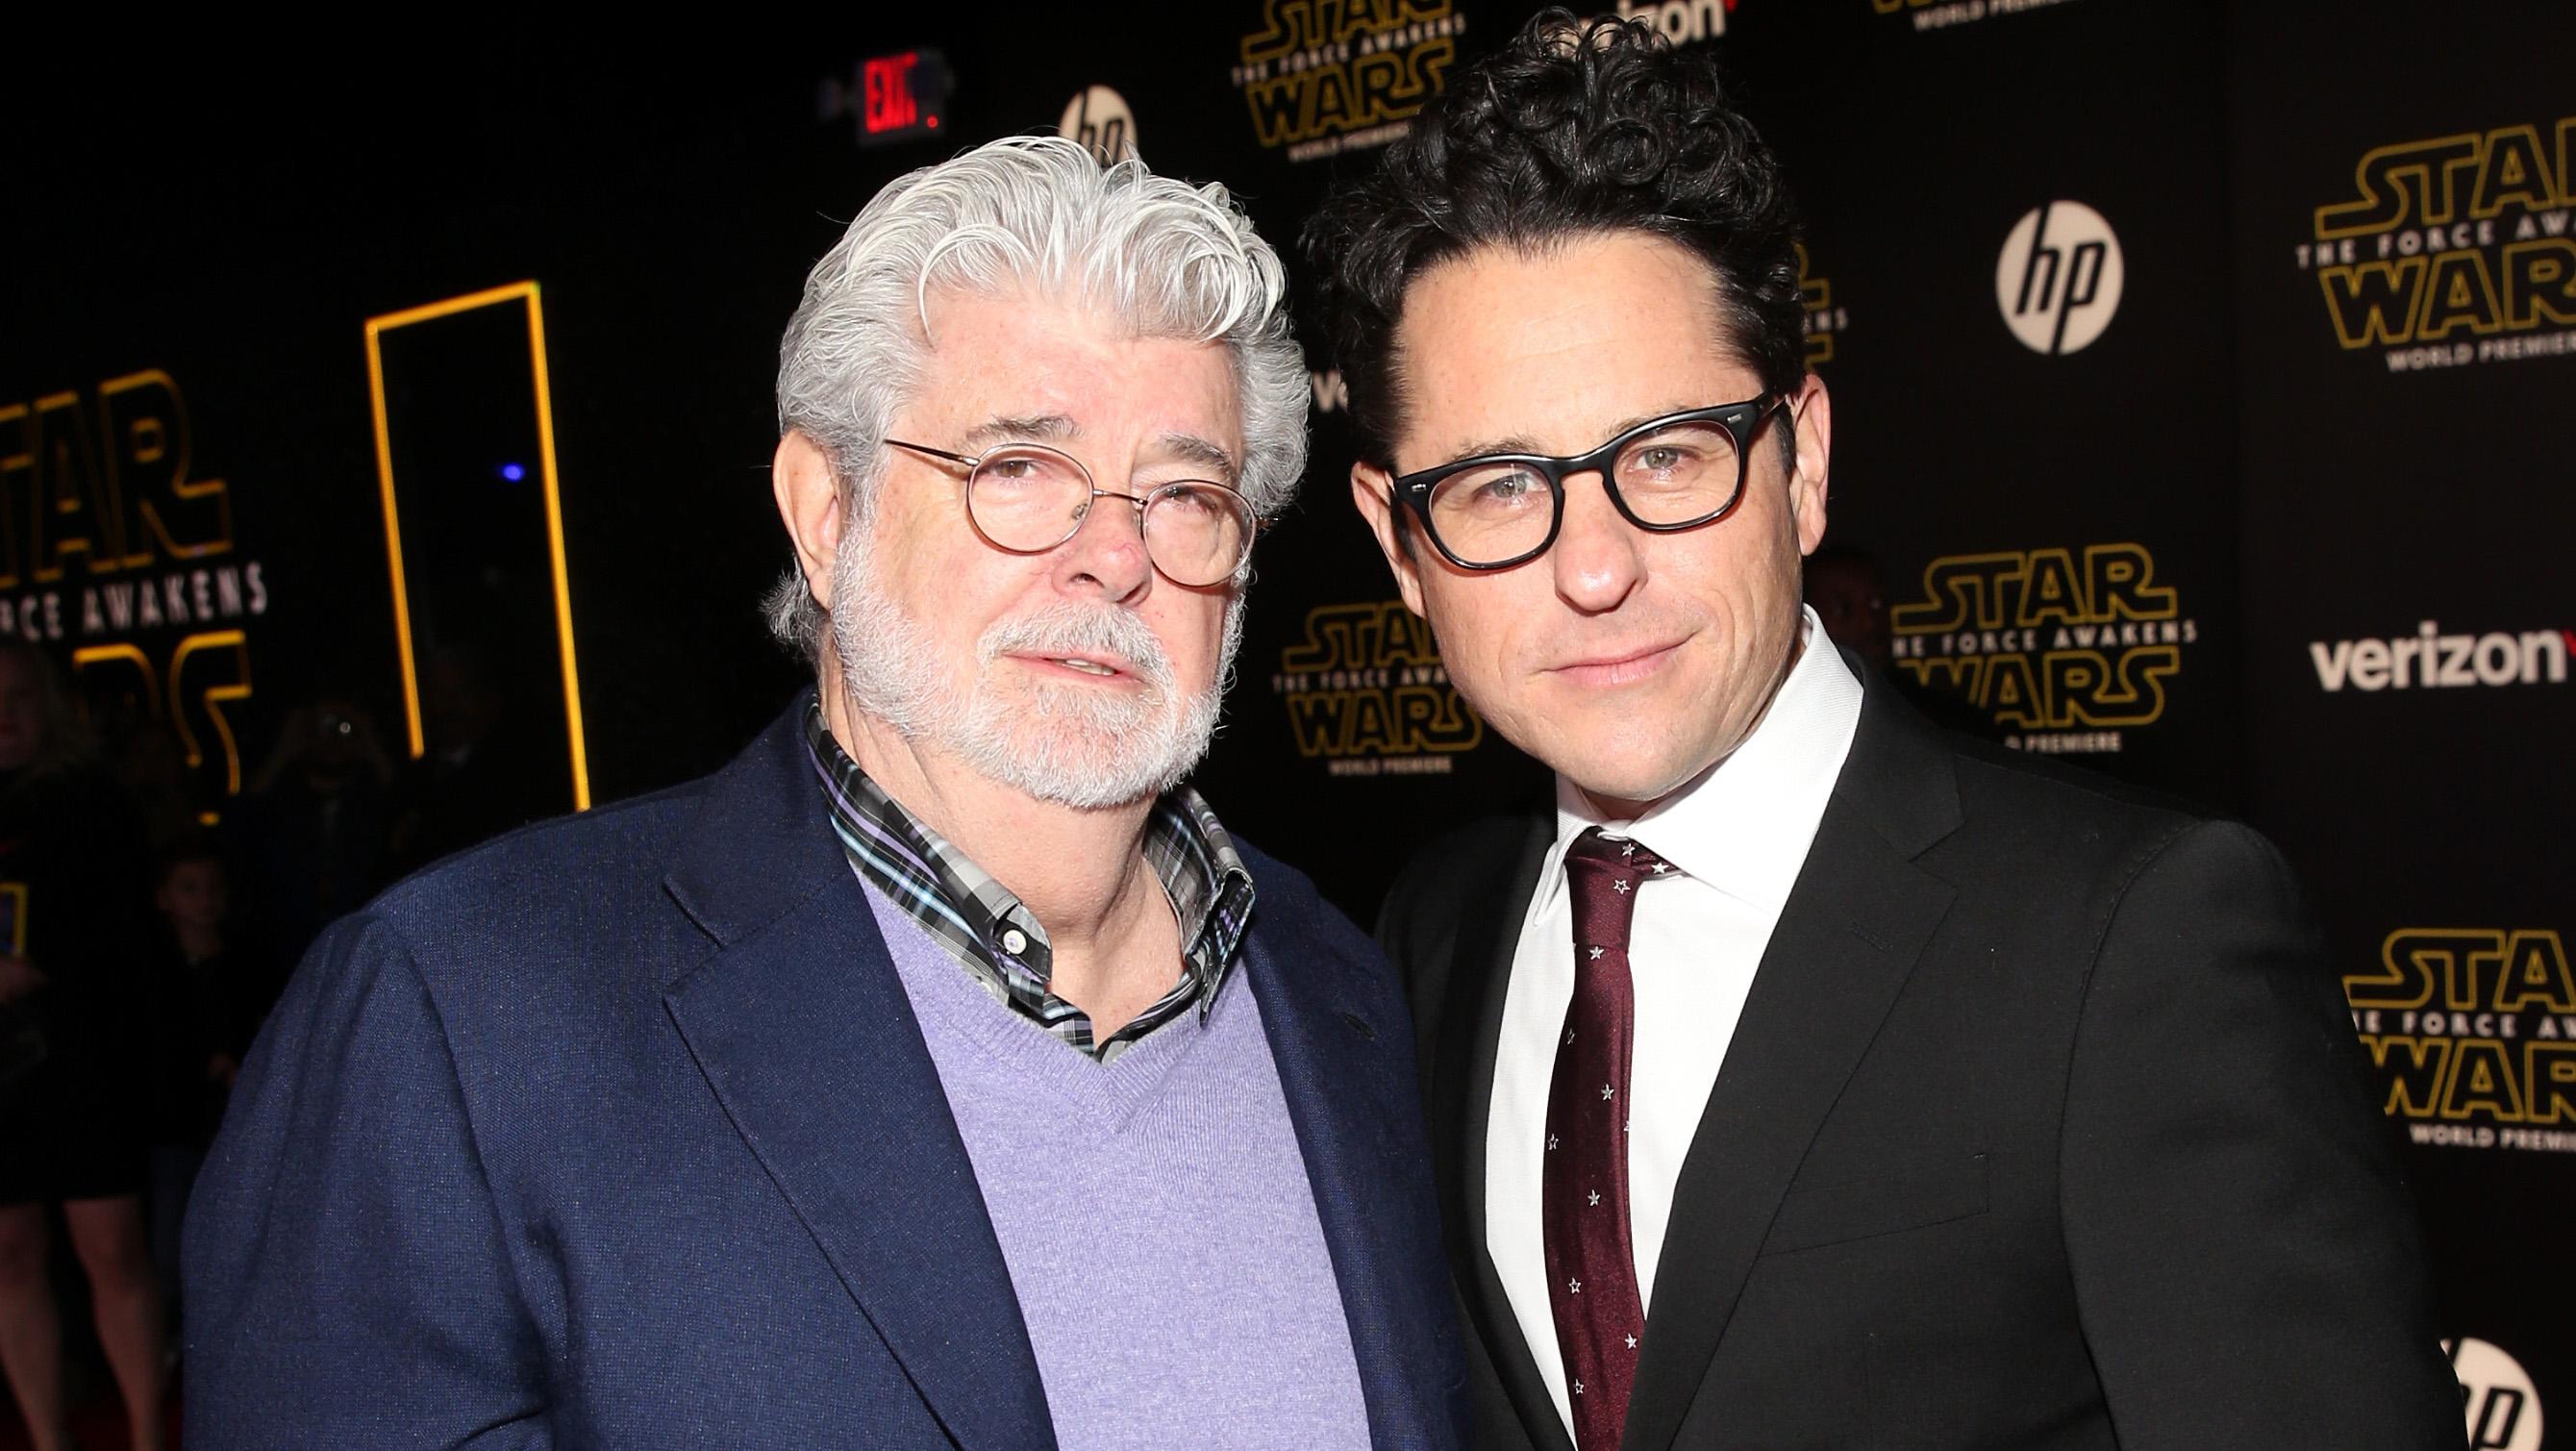 Kiderült, hogy George Lucas is dolgozott a Star Wars IX-en